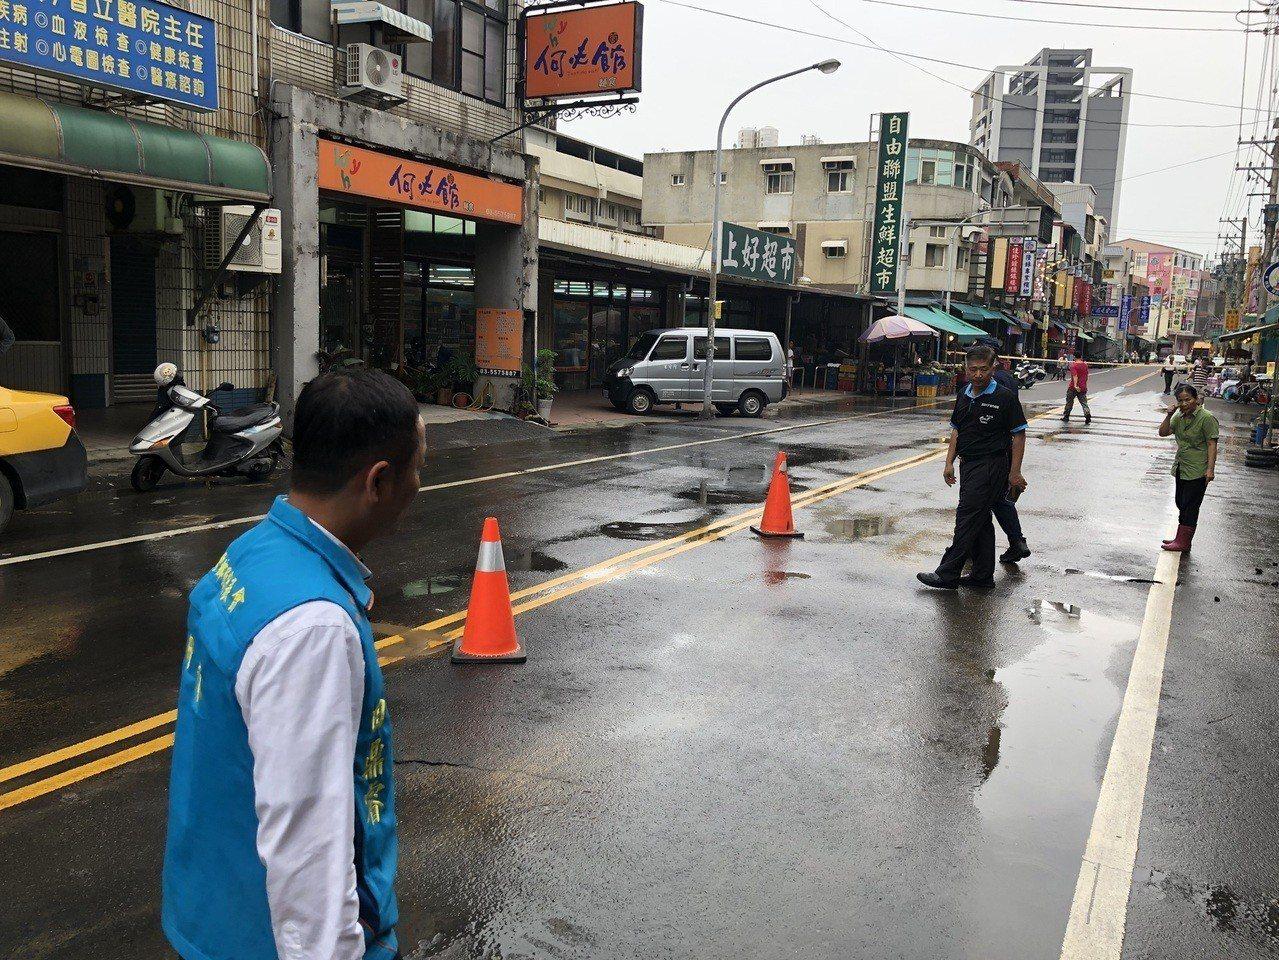 目前警方已到場拉封鎖線,進行交通疏導,新竹縣府工務處也派員到場瞭解狀況進行搶修。...